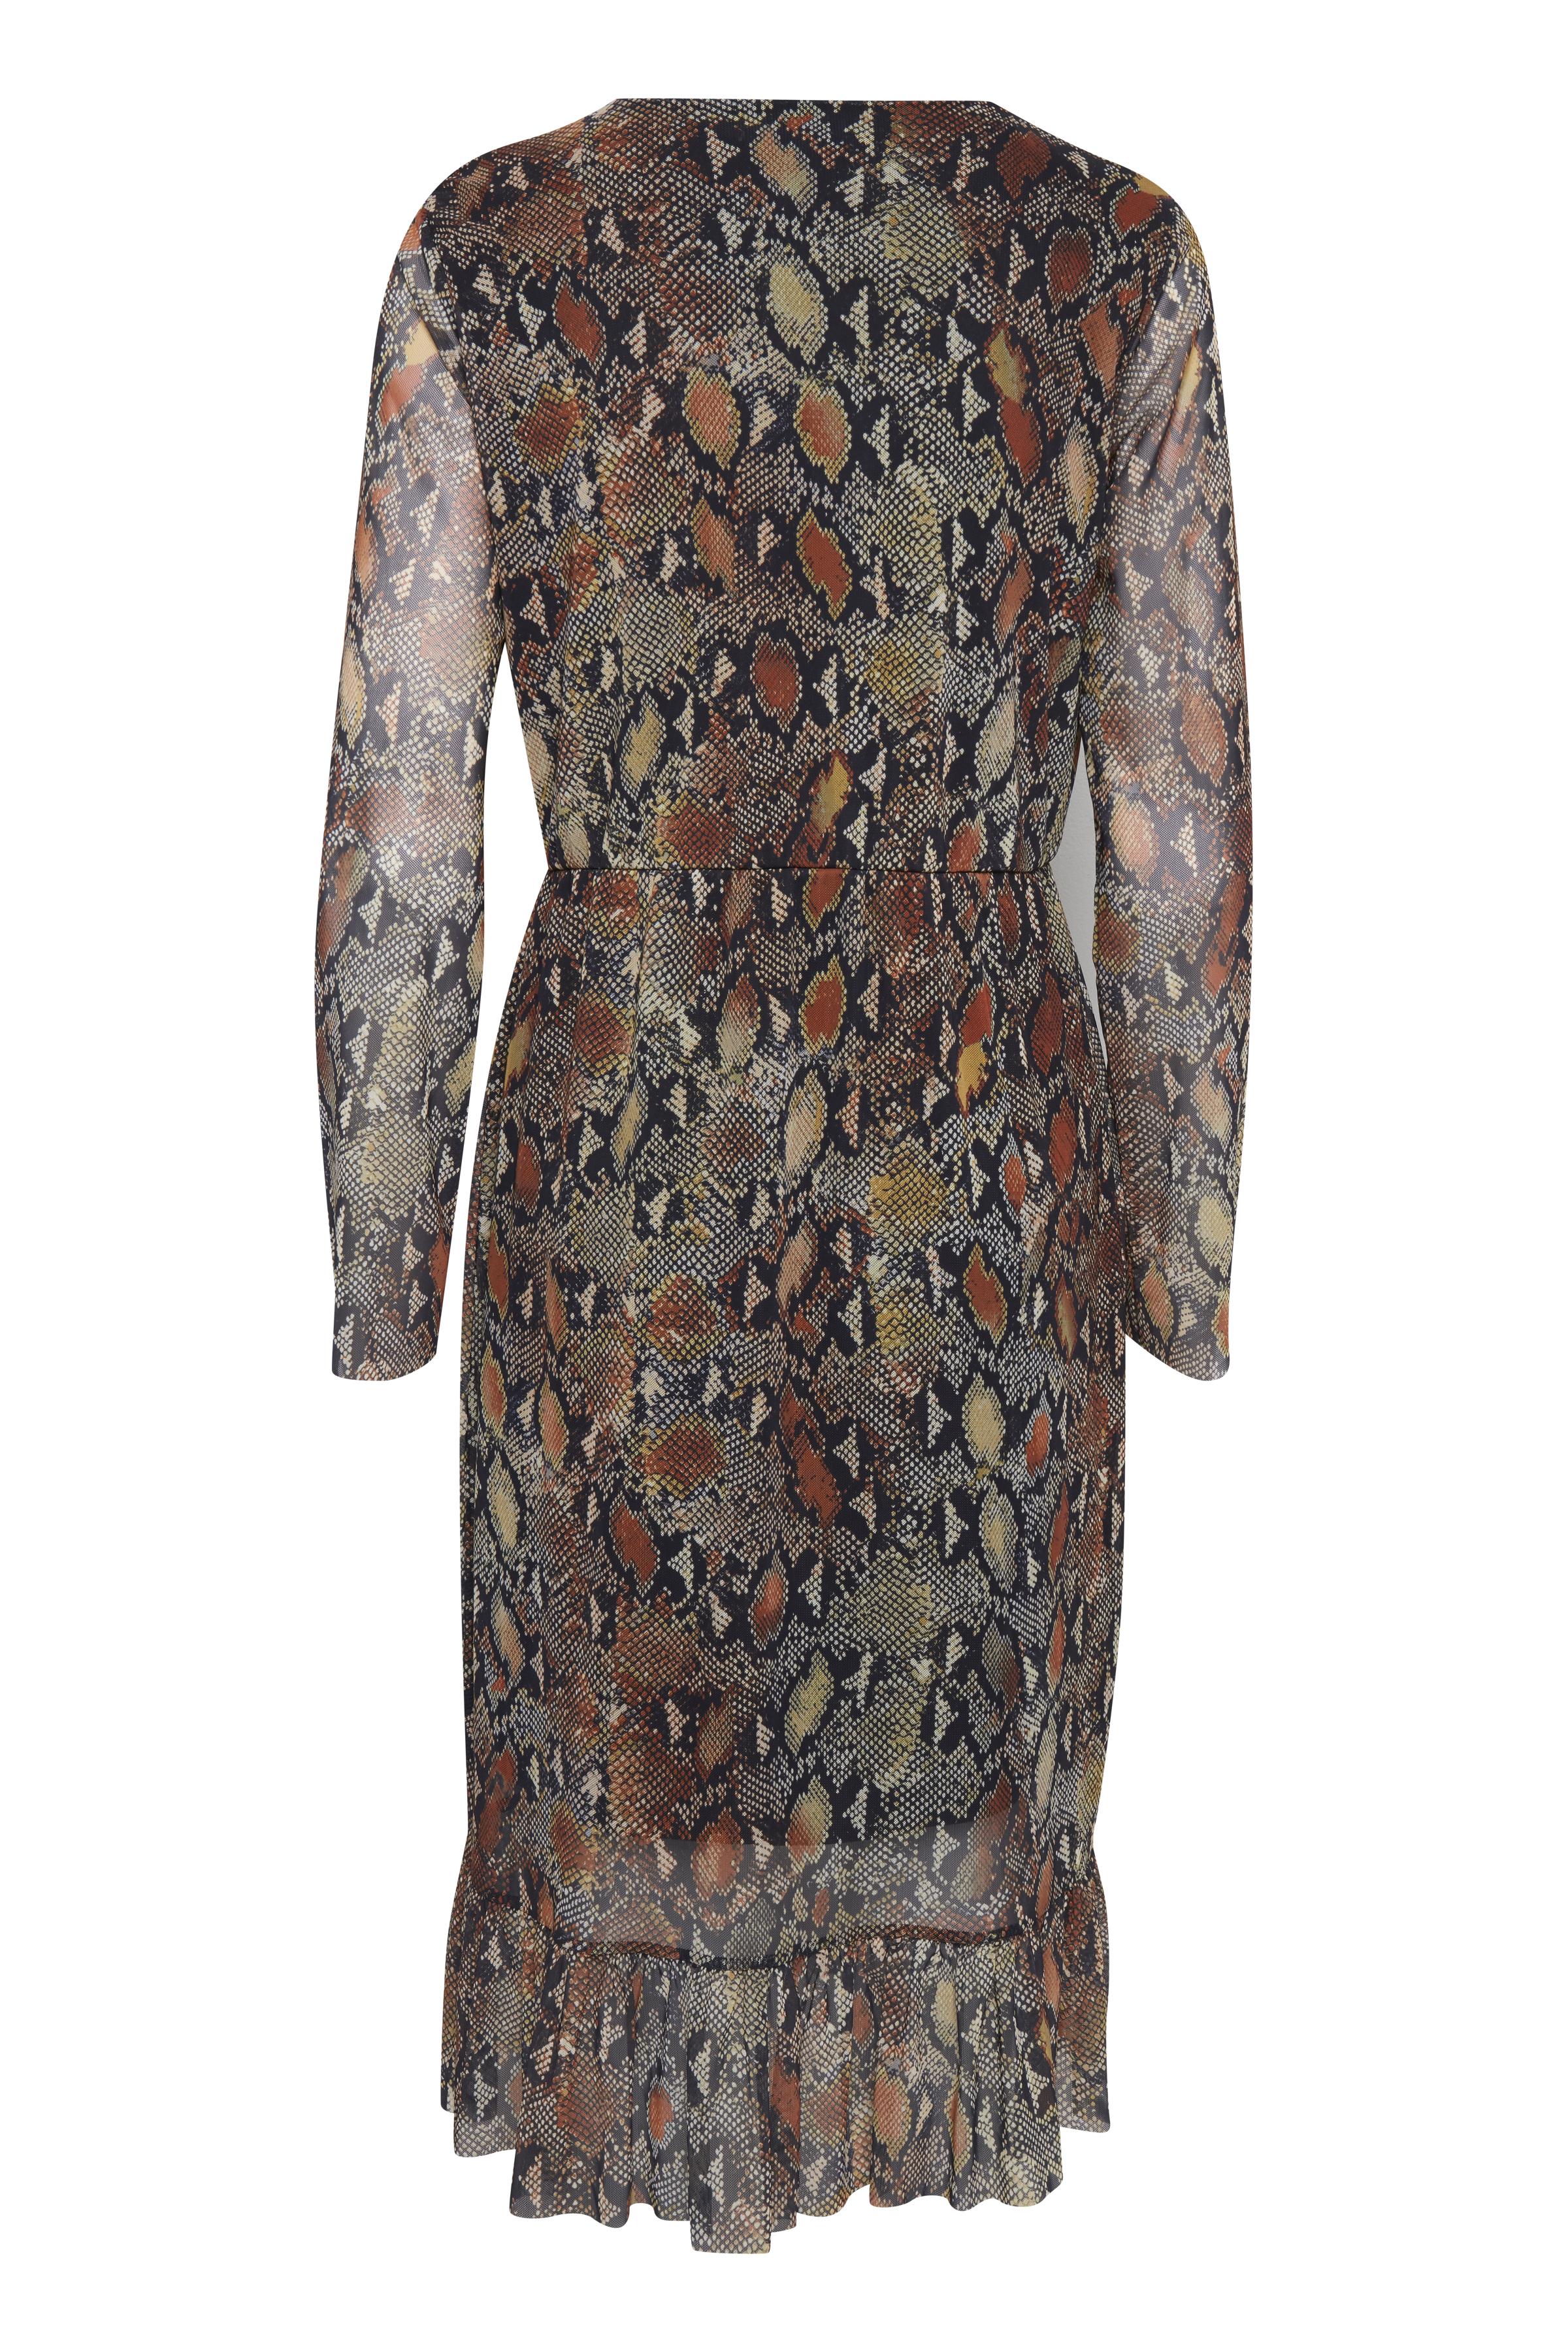 Snake combi 2 Jerseyklänning från b.young – Köp Snake combi 2 Jerseyklänning från storlek XS-XL här